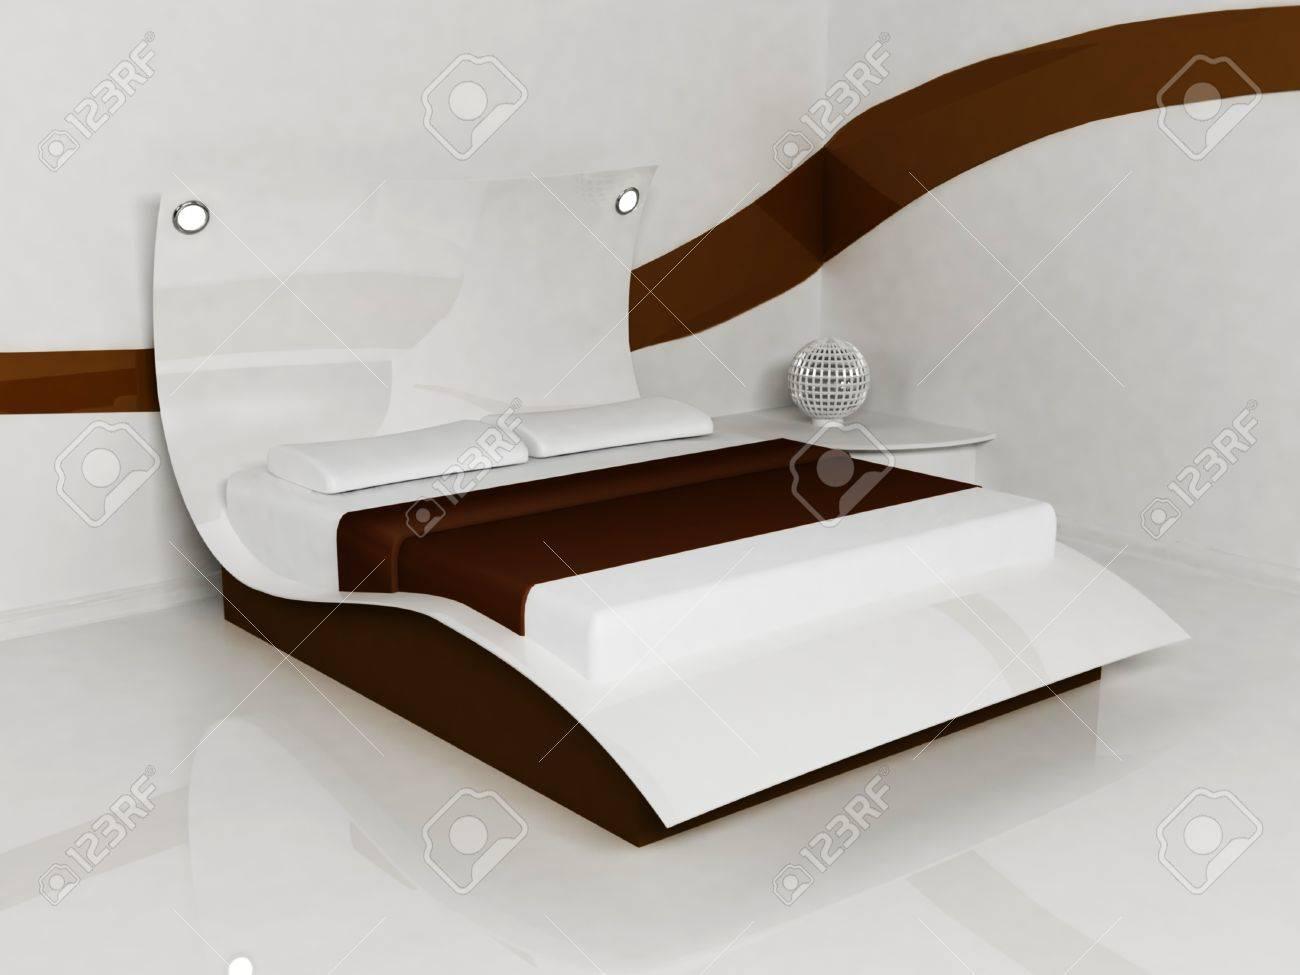 Moderne Raumgestaltung Von Bett-Zimmer Mit Einem Weißen Und Braunen ...